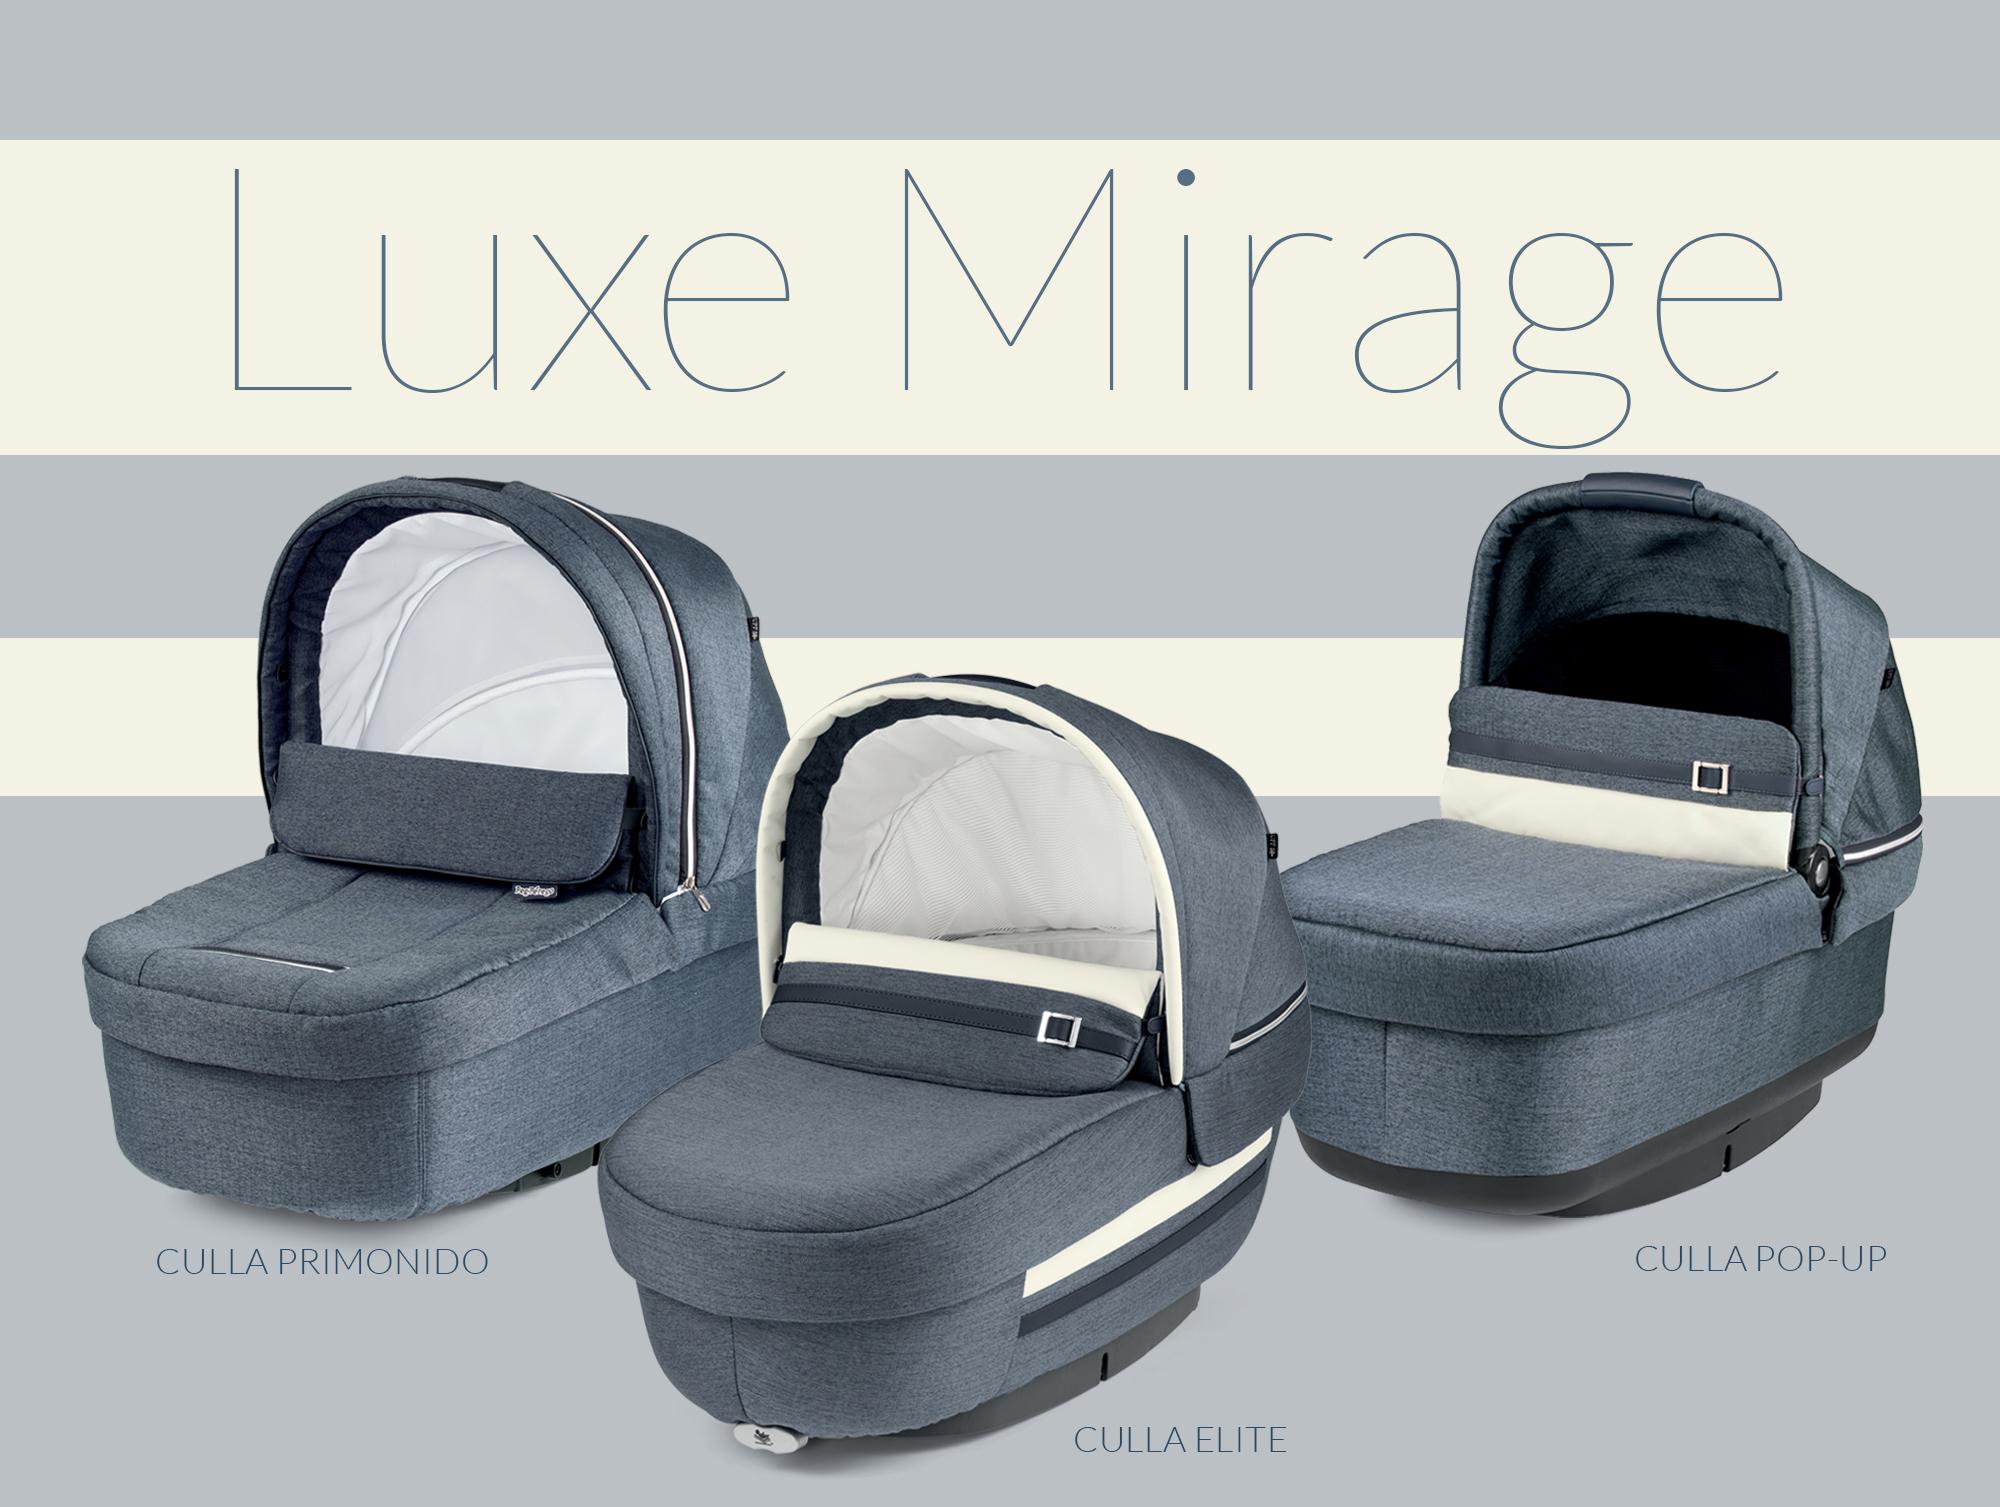 peg perego collezione luxe mirage